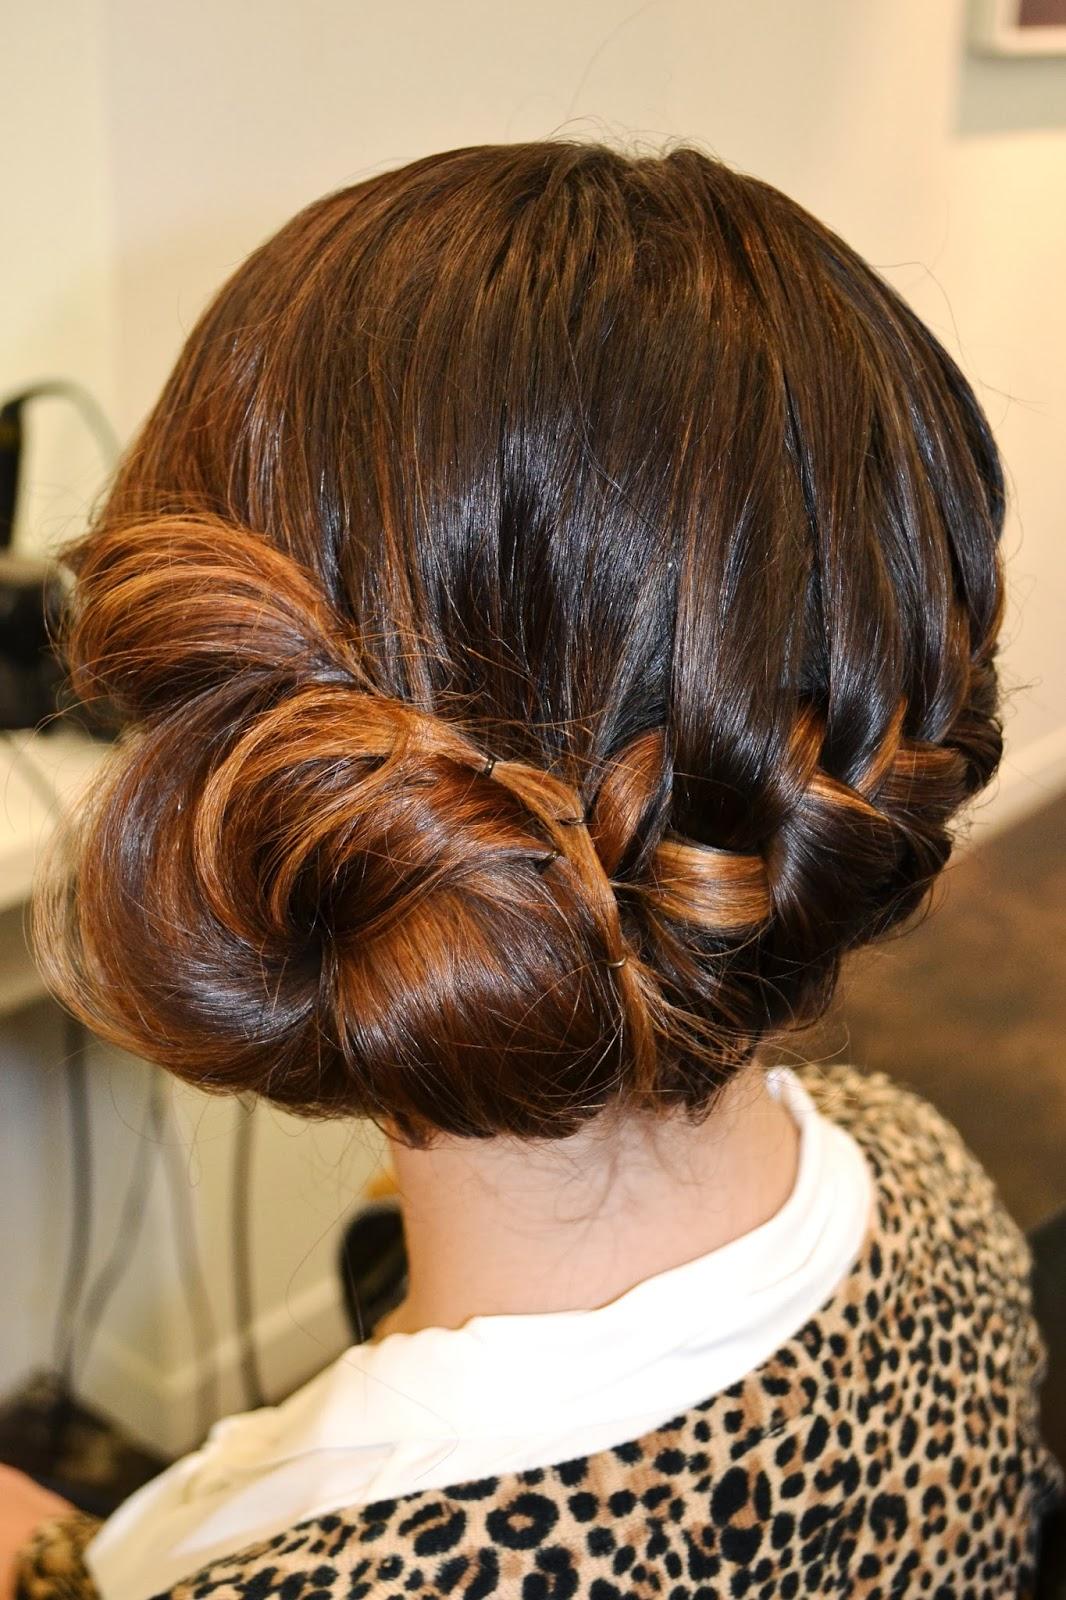 beauty girl musings: hair therapy: create a braid bun blend